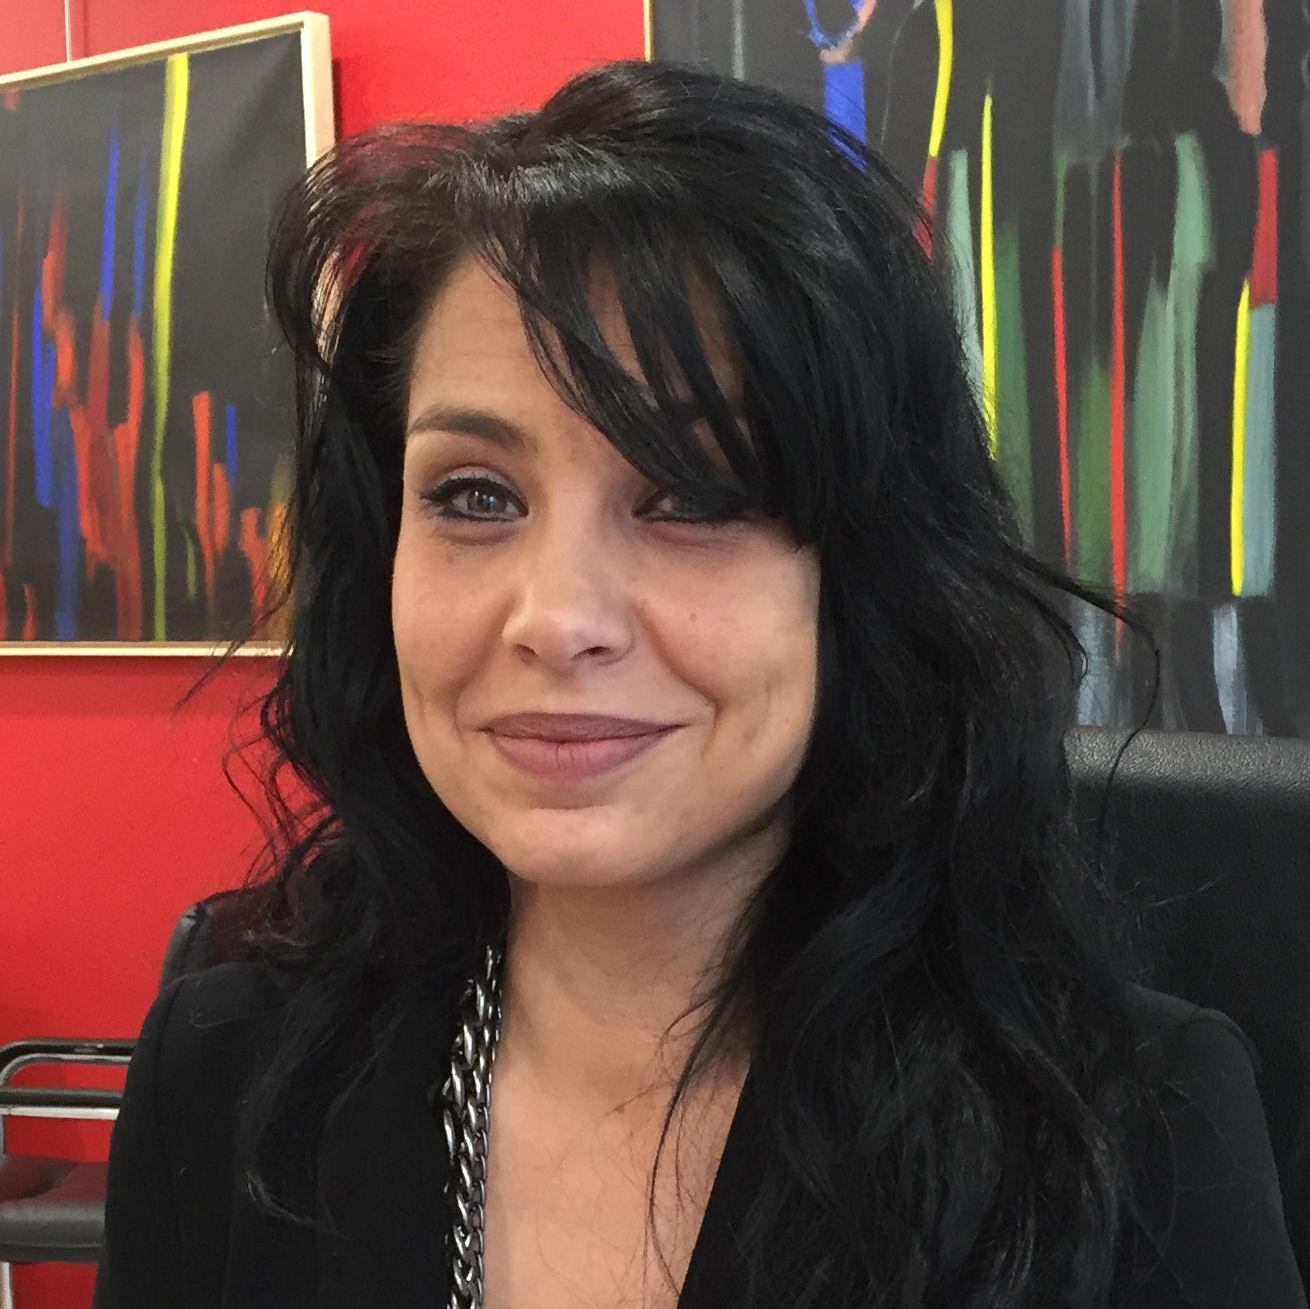 Audrey de l'équipe des audioprothésistes du centre auditif Minitone de Nîmes.